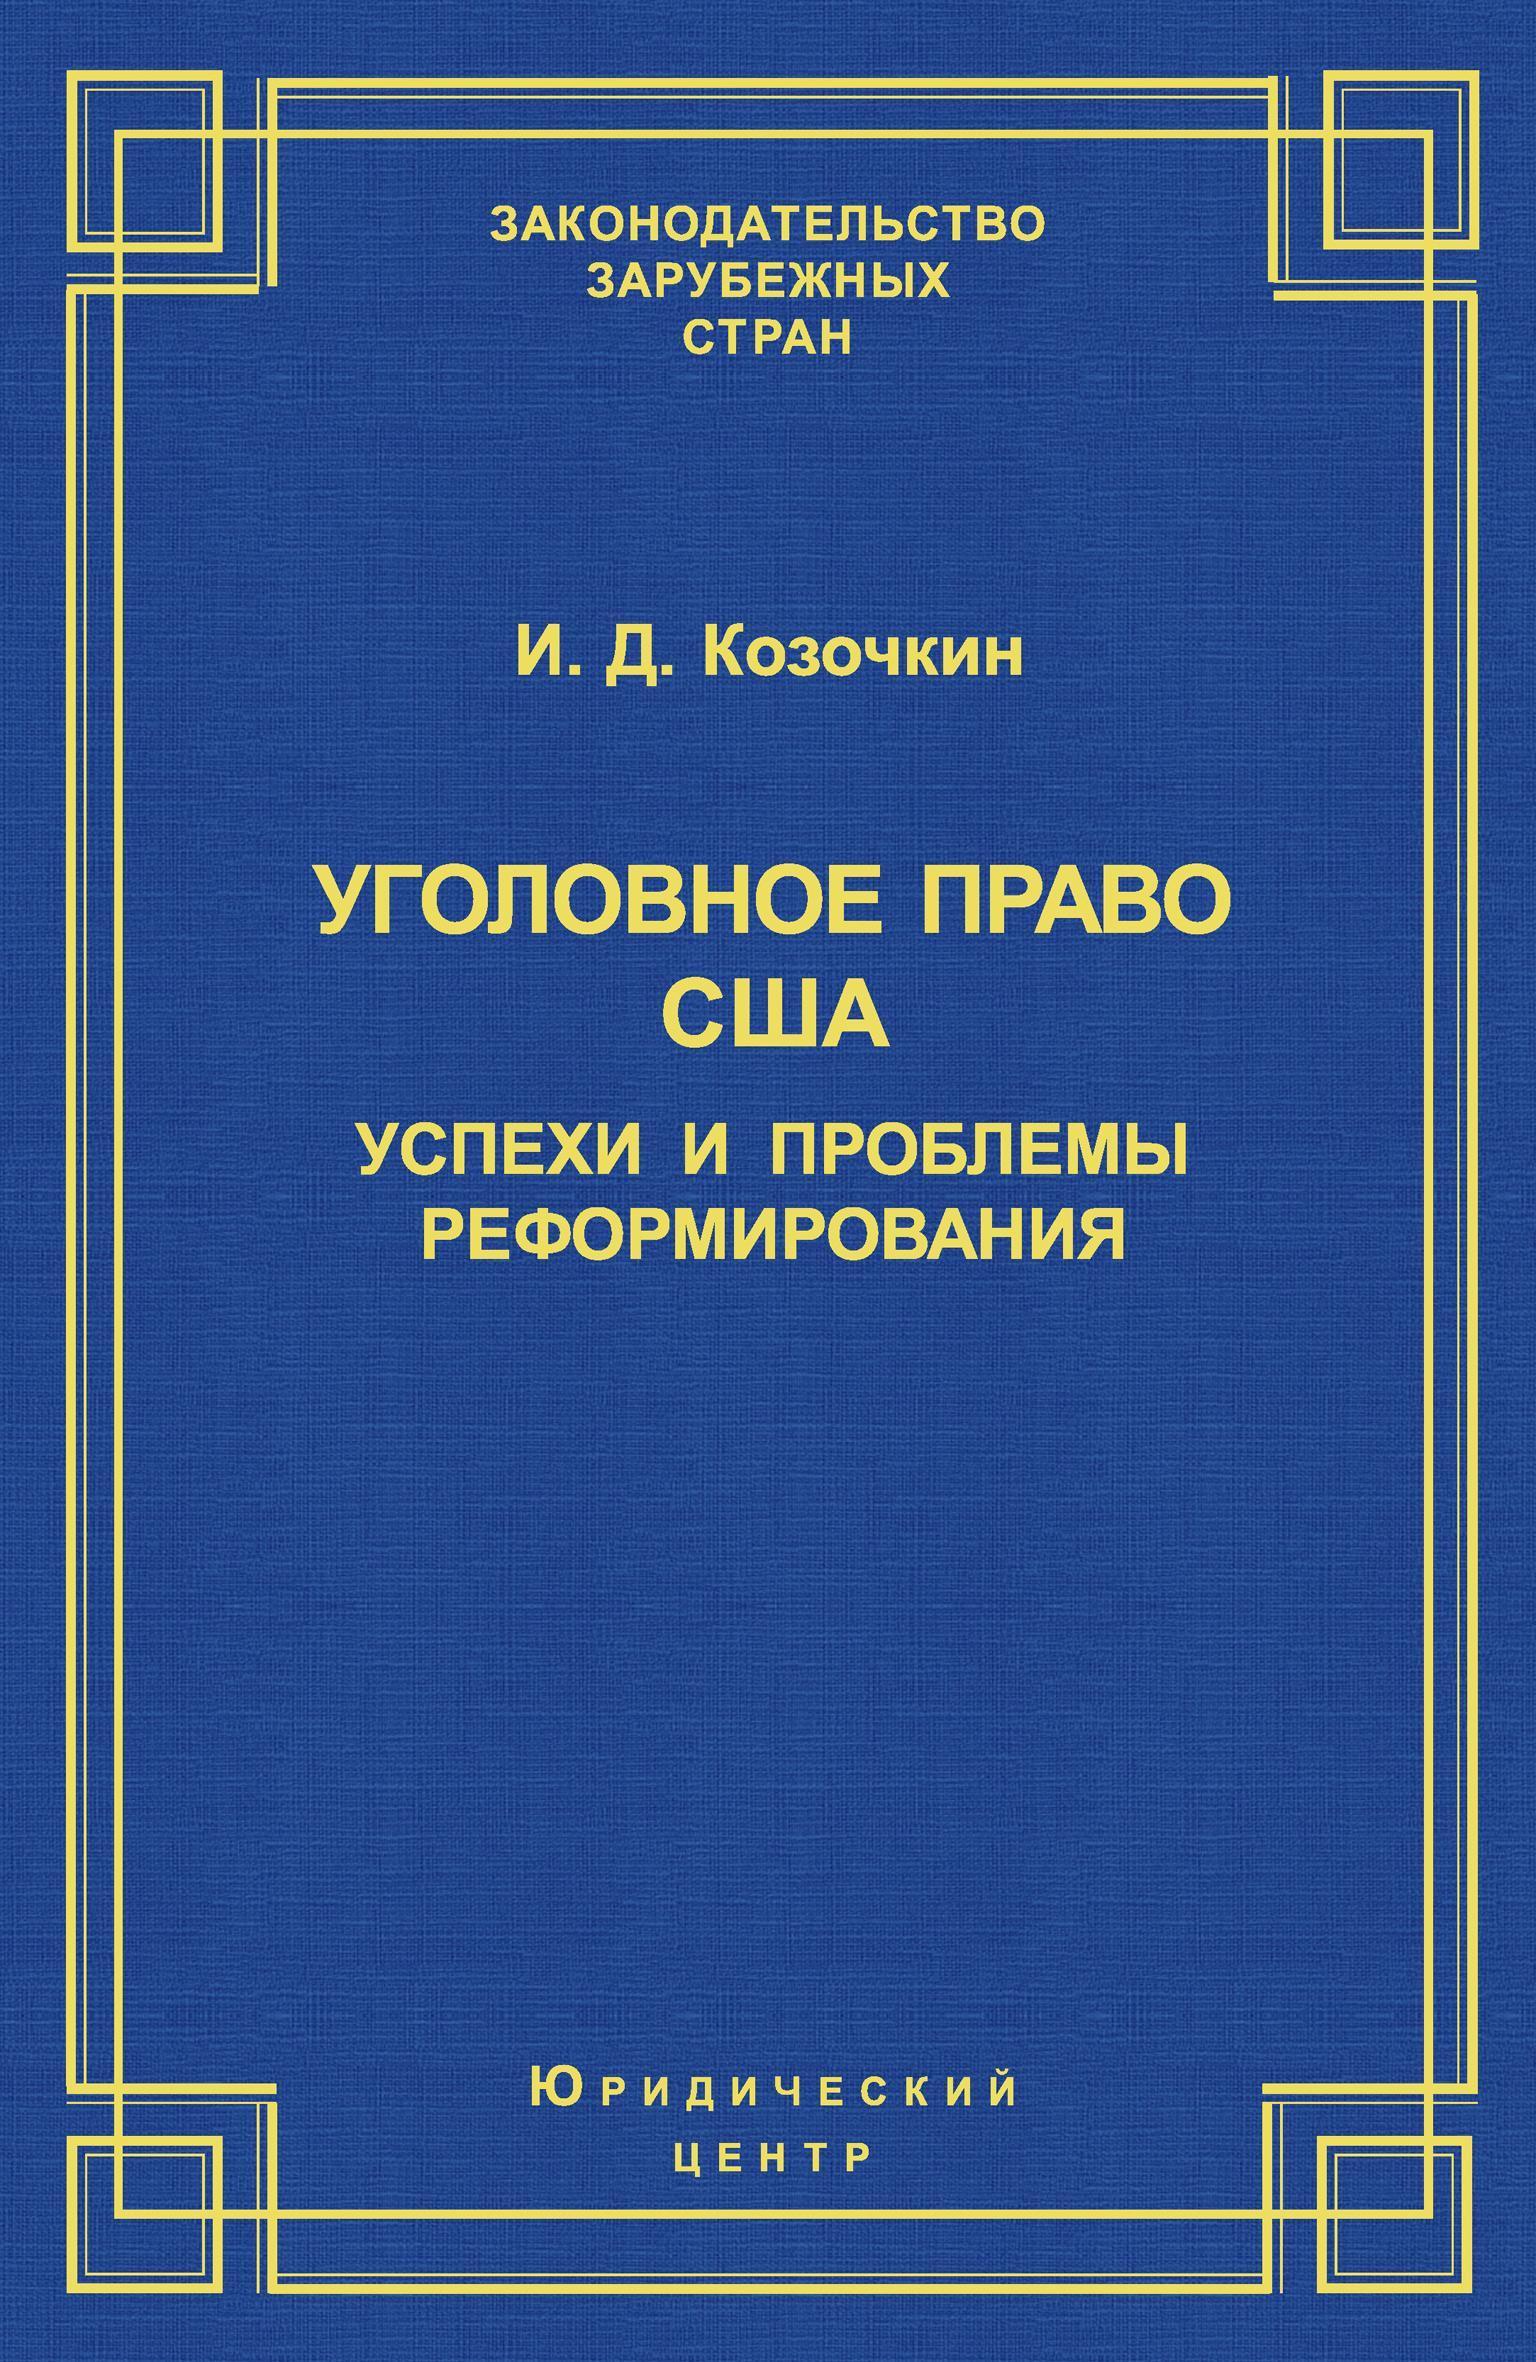 Что такое штат: значение слова и примеры употребления :: syl.ru